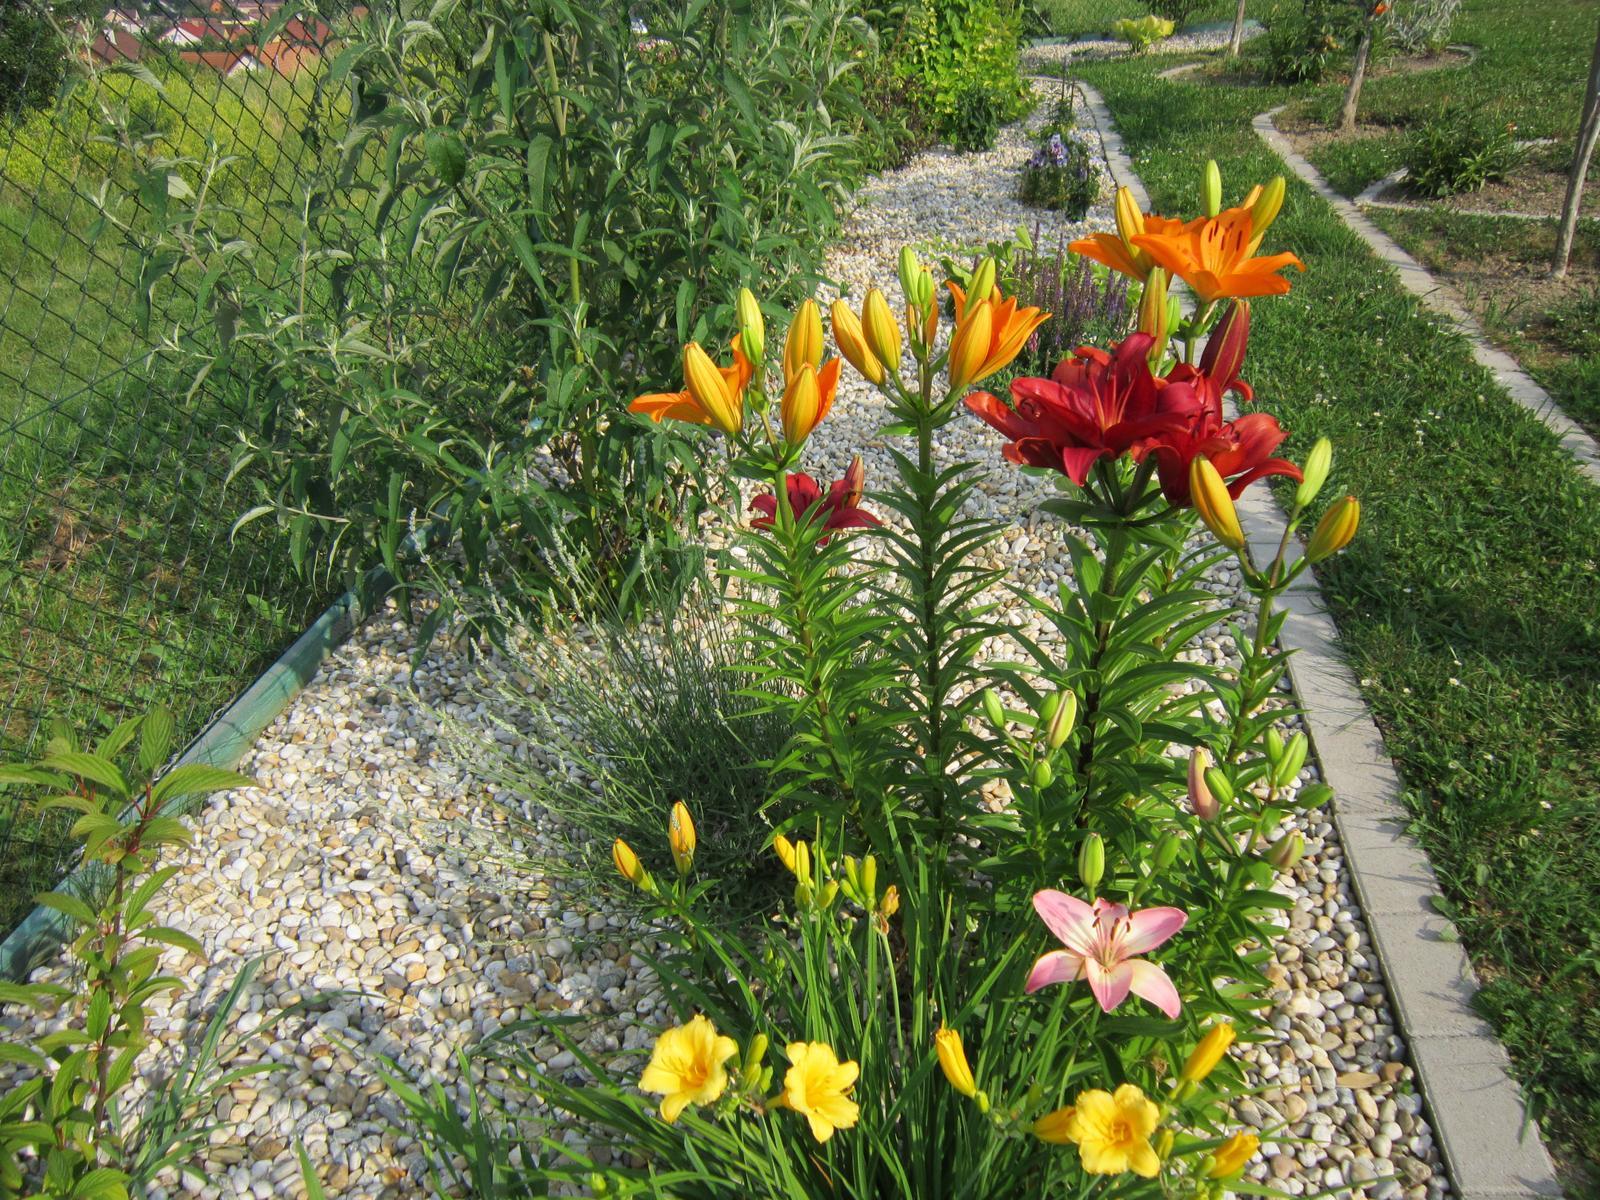 Moja záhrada...ako šiel čas - Obrázok č. 107